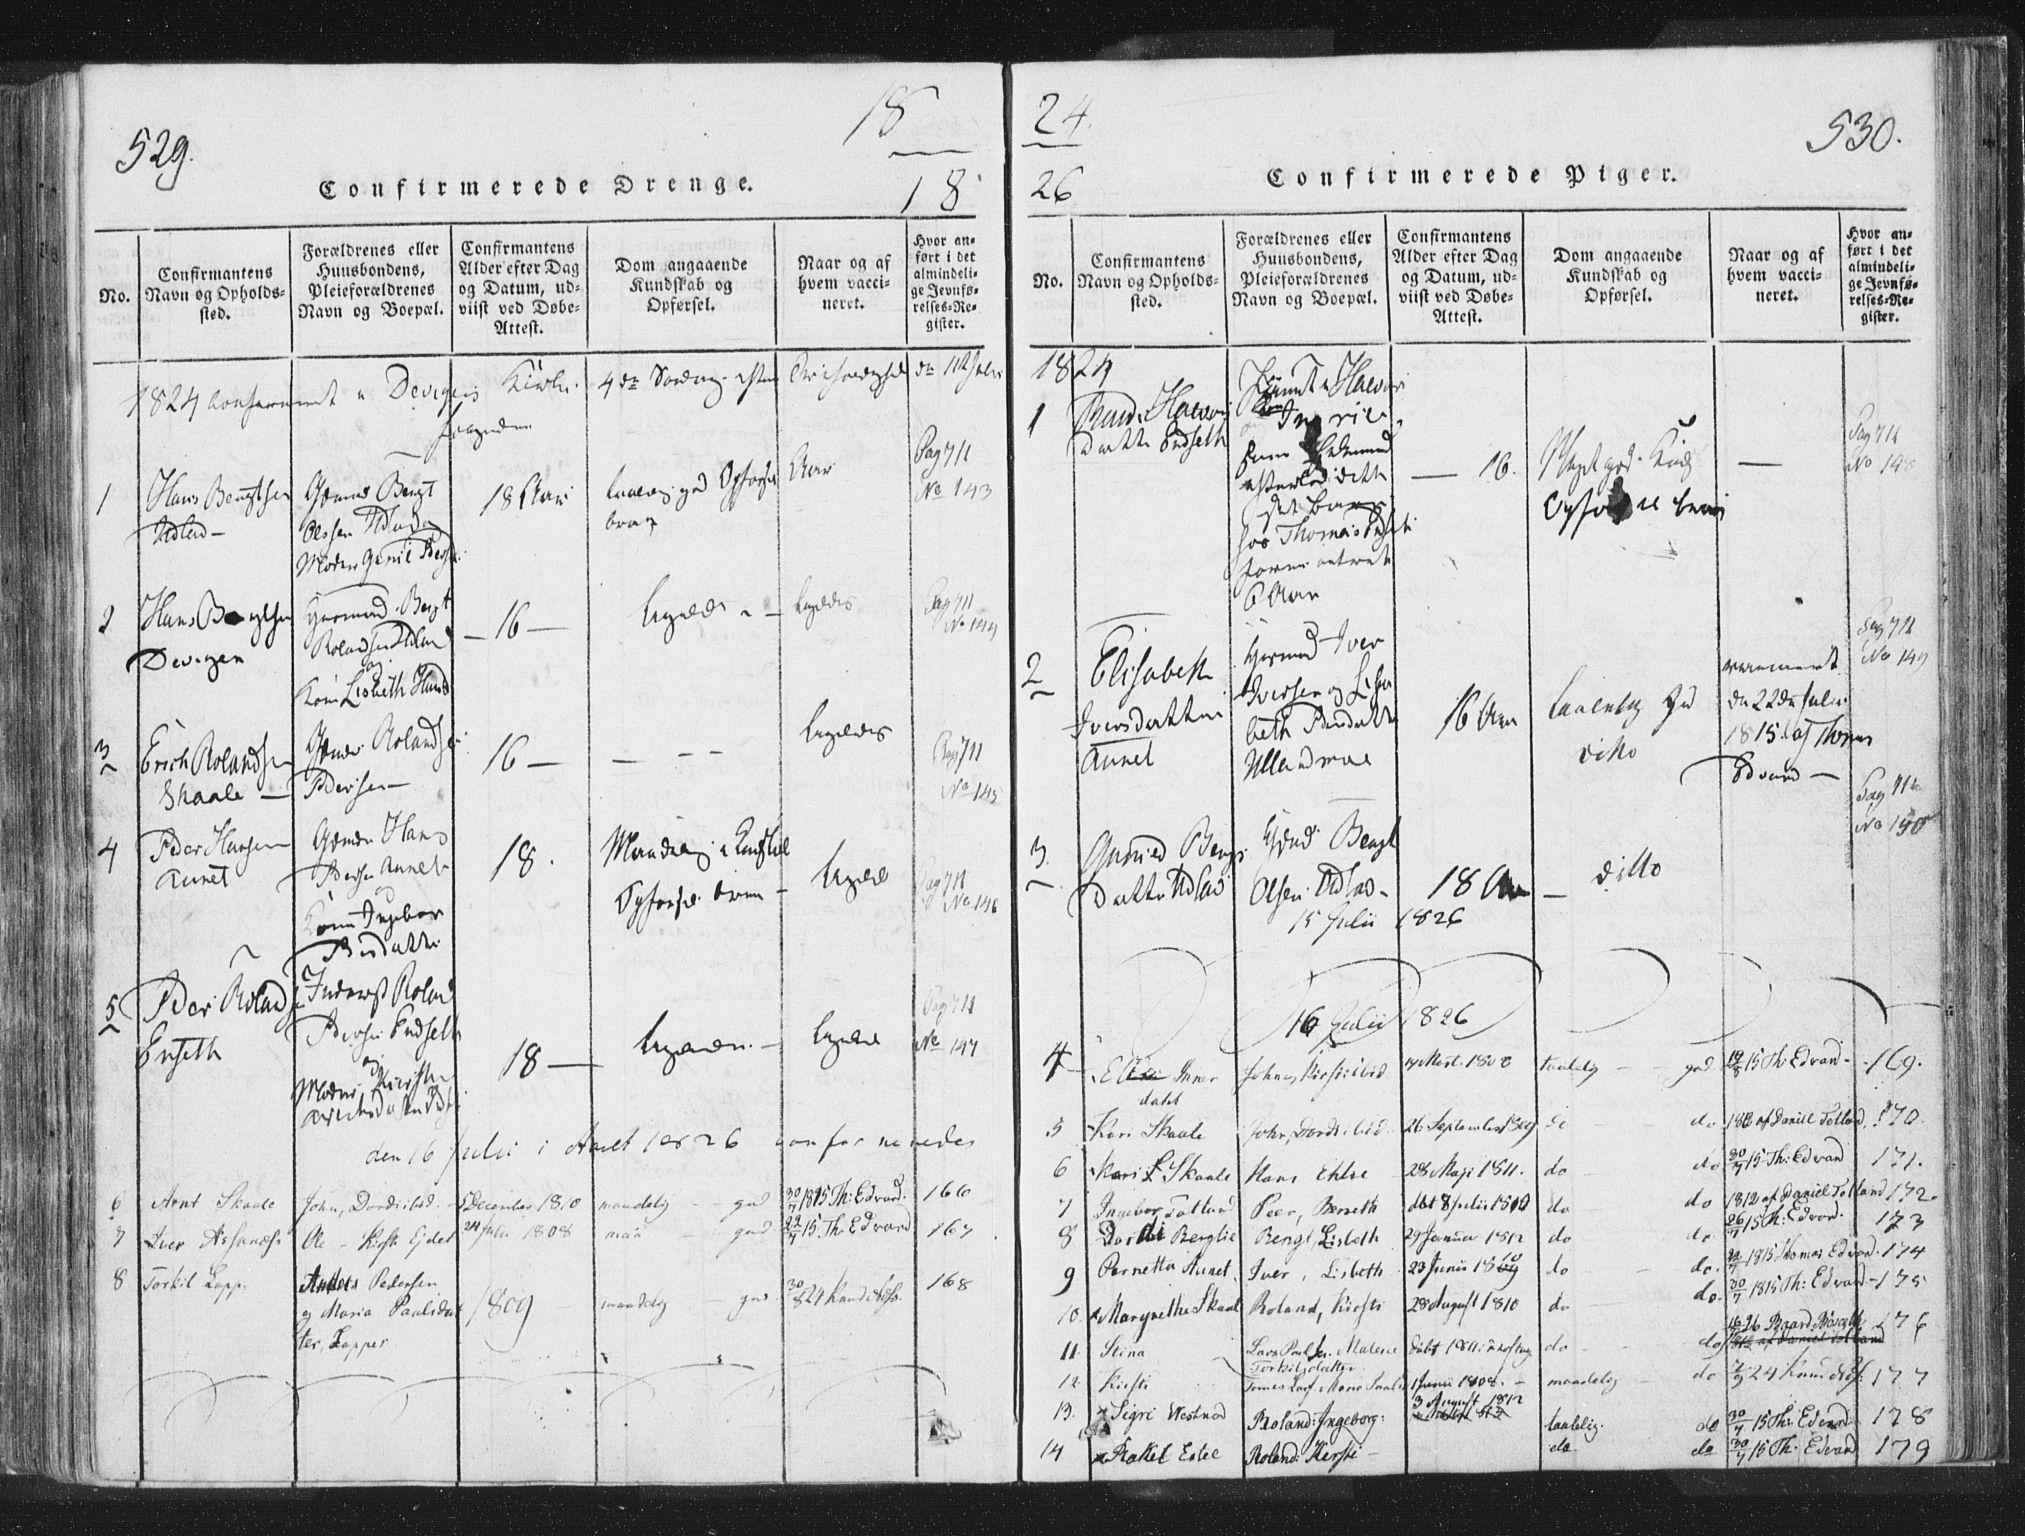 SAT, Ministerialprotokoller, klokkerbøker og fødselsregistre - Nord-Trøndelag, 755/L0491: Ministerialbok nr. 755A01 /2, 1817-1864, s. 529-530